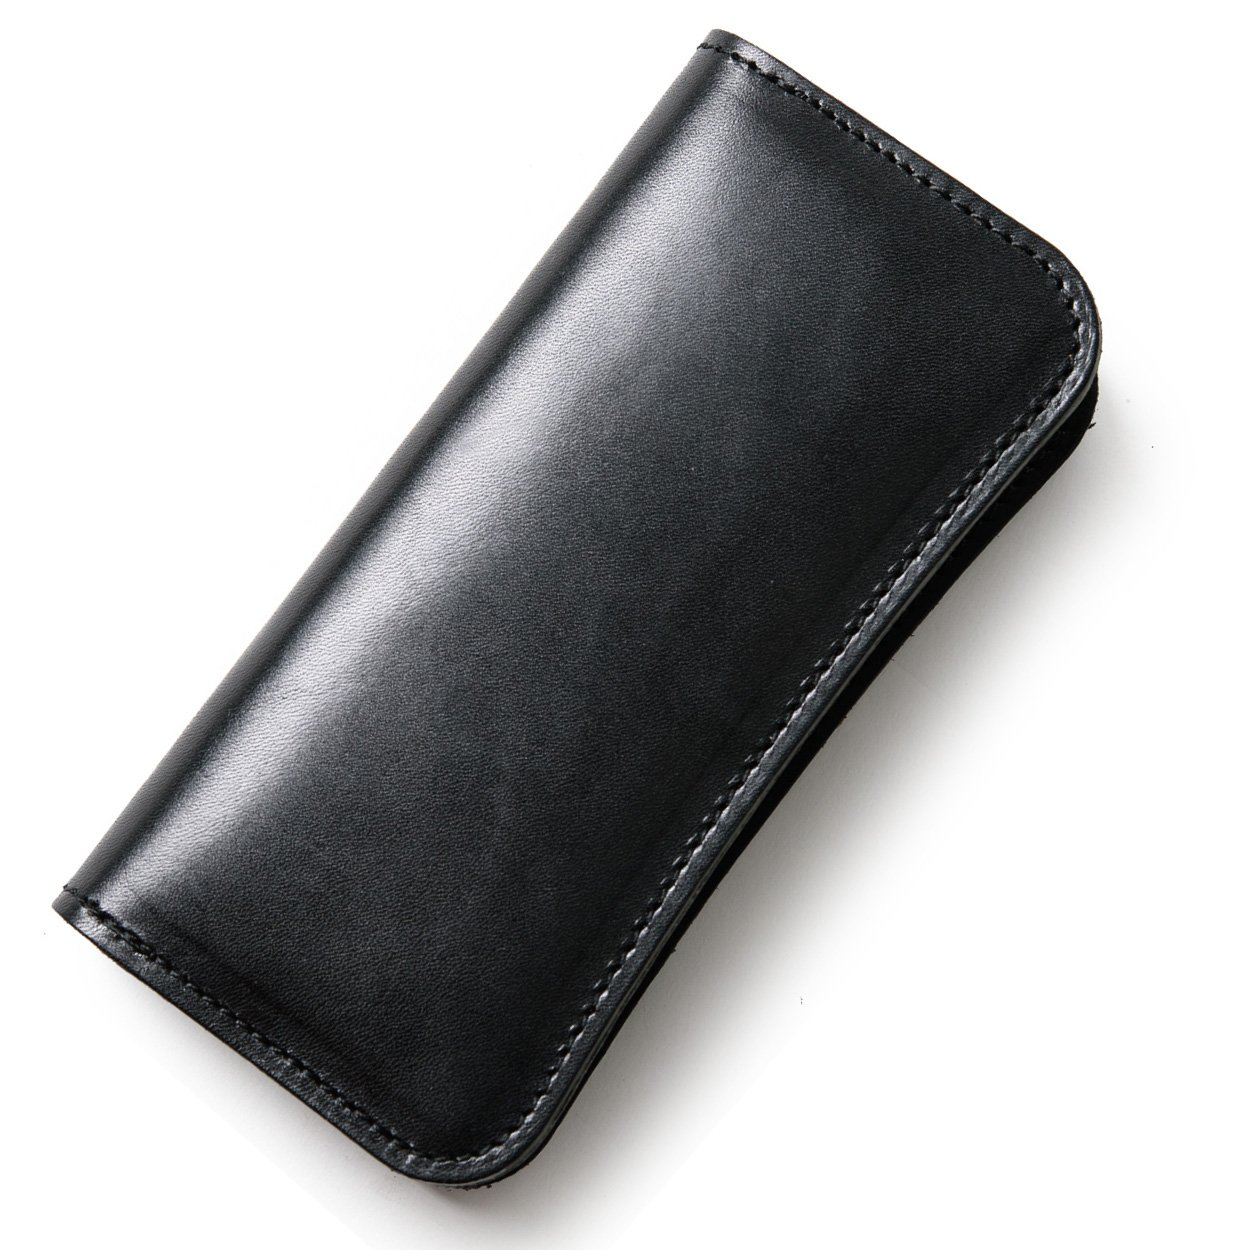 (東京下町工房)長財布 メンズ財布 本革 栃木レザー ヌメ革 日本製 全6色 B07CBC2HSM ブラック ブラック